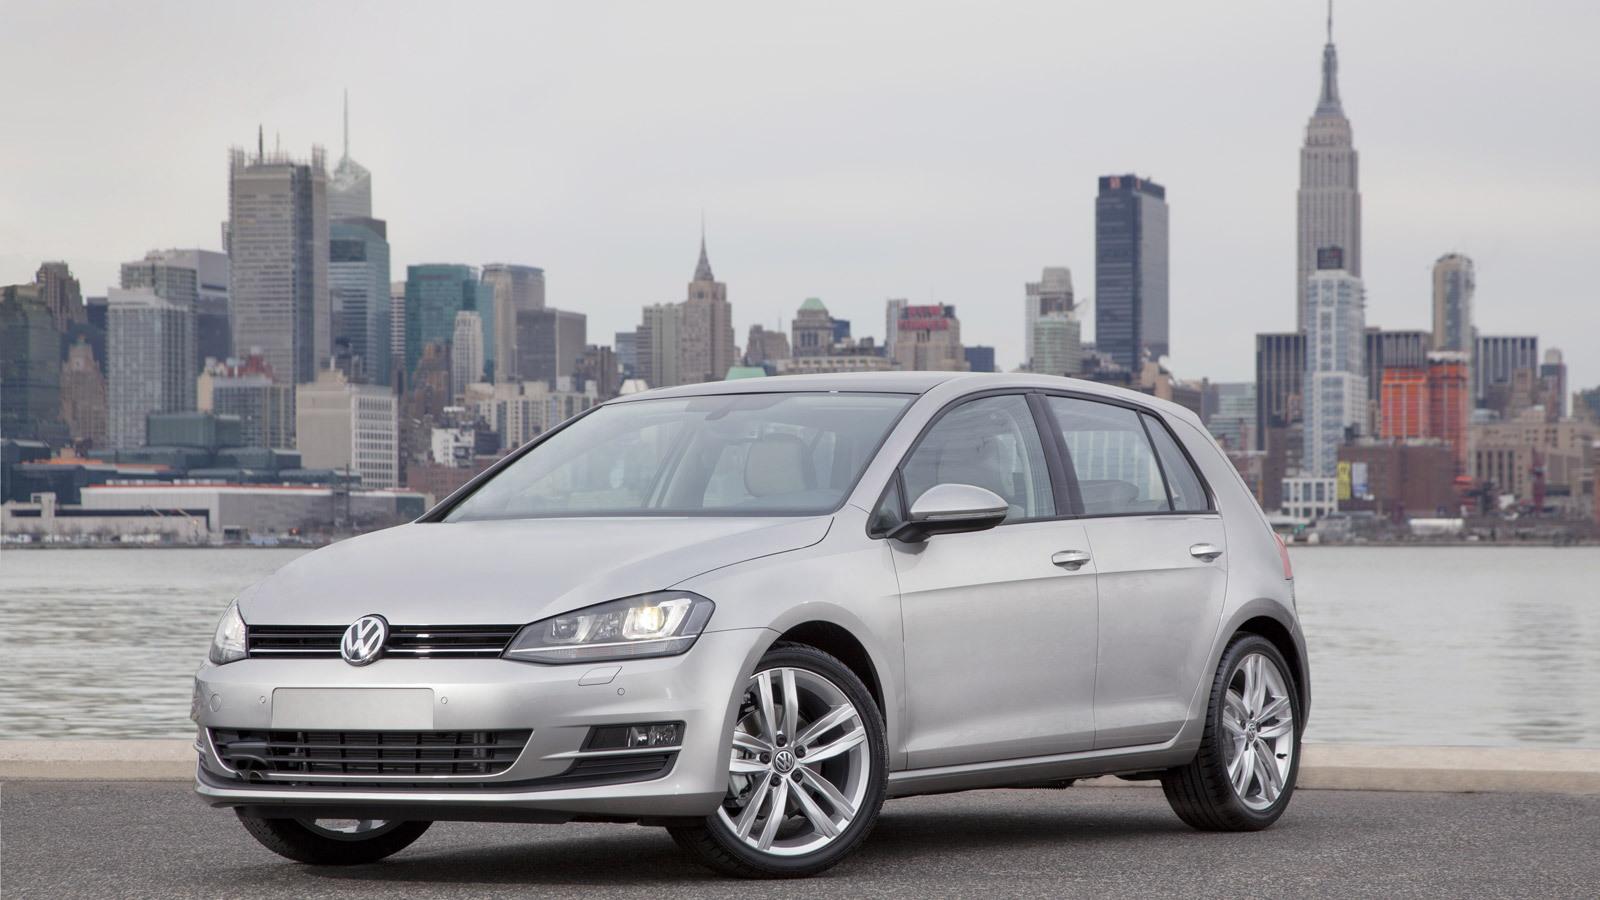 2015 Volkswagen Golf - image: Volkswagen of America